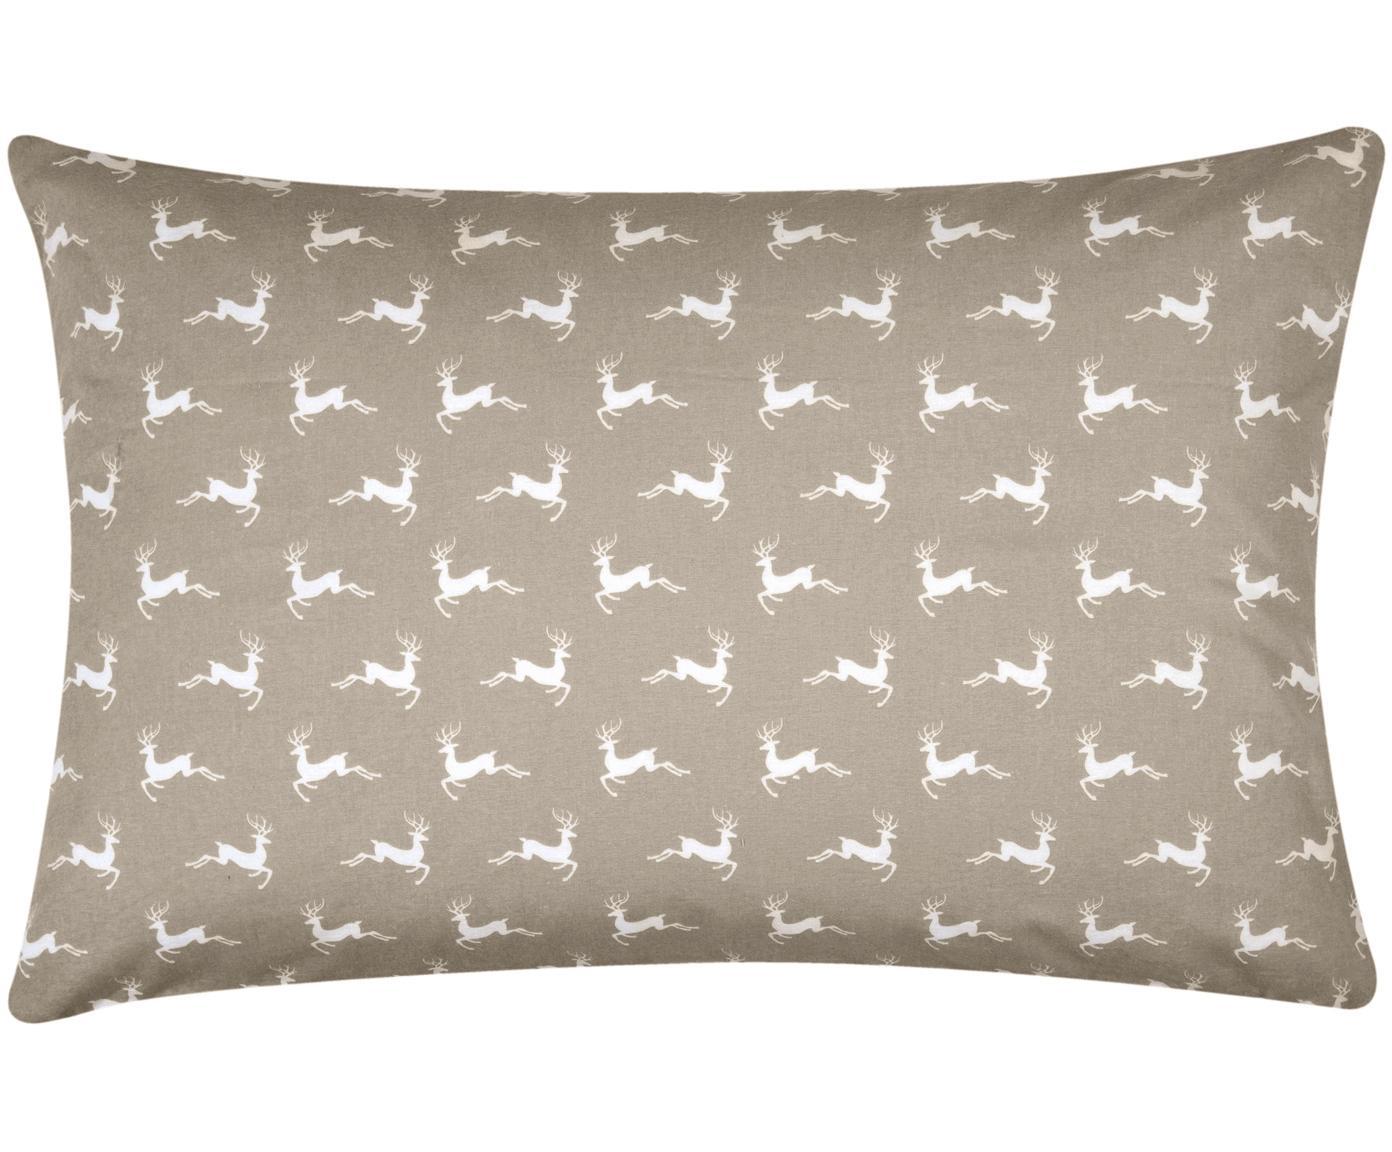 Flanell-Kissenbezug Rudolph mit Rentieren, Webart: Flanell Flanell ist ein s, Beige, Weiß, 65 x 100 cm